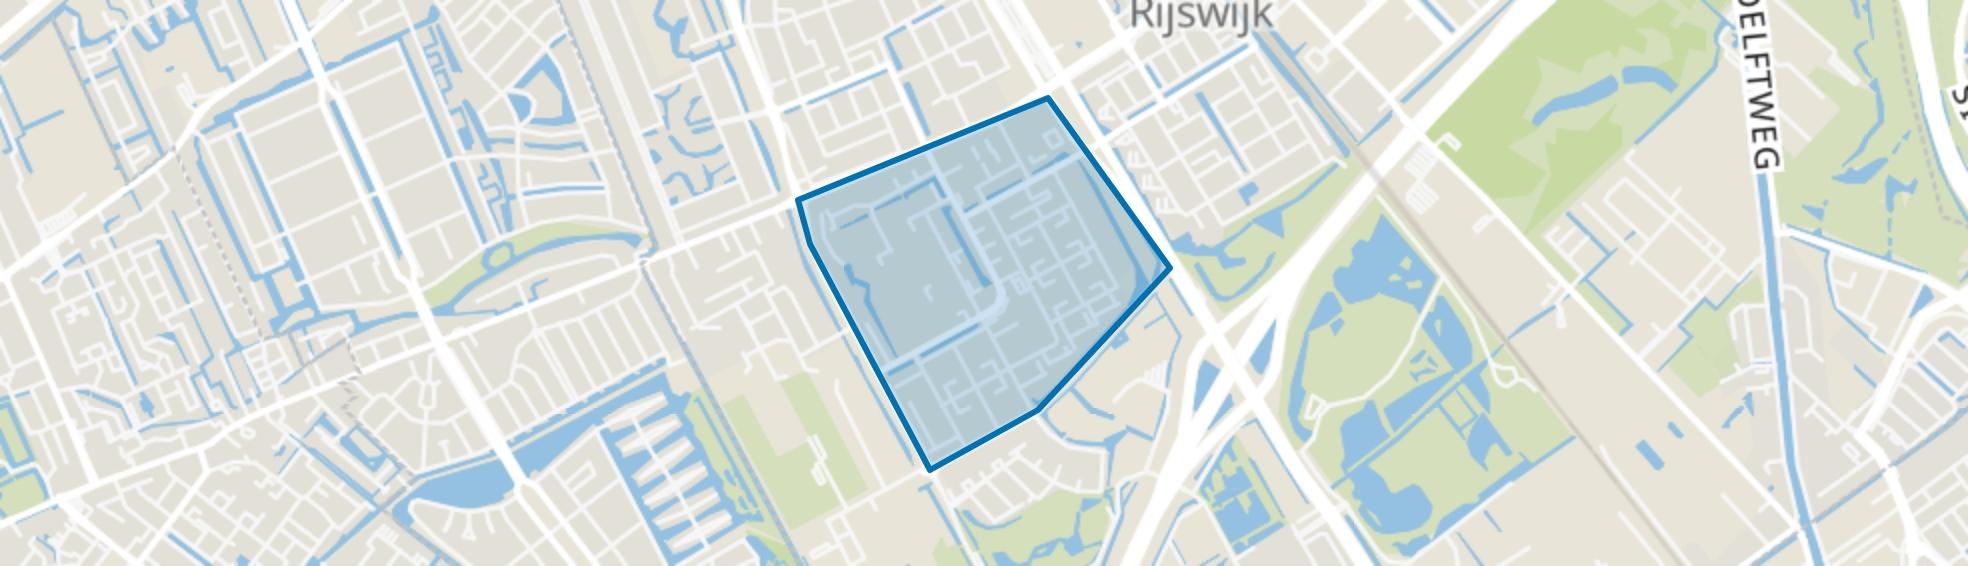 Stervoorde, Rijswijk (ZH) map